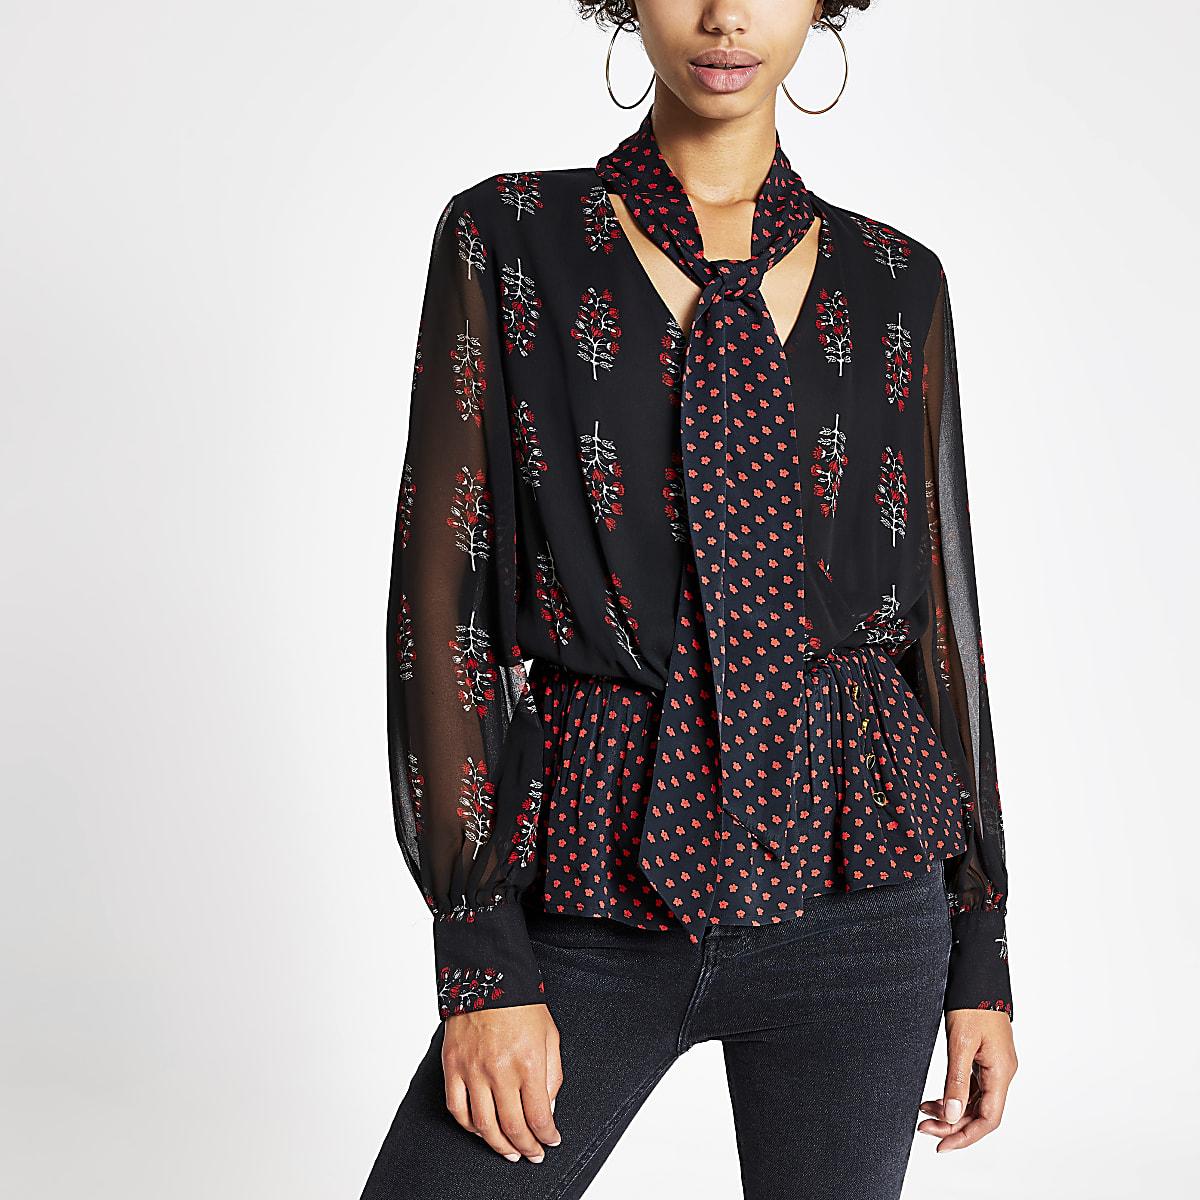 Zwarte blouse met lange mouwen en strik bij de hals met bloemenprint